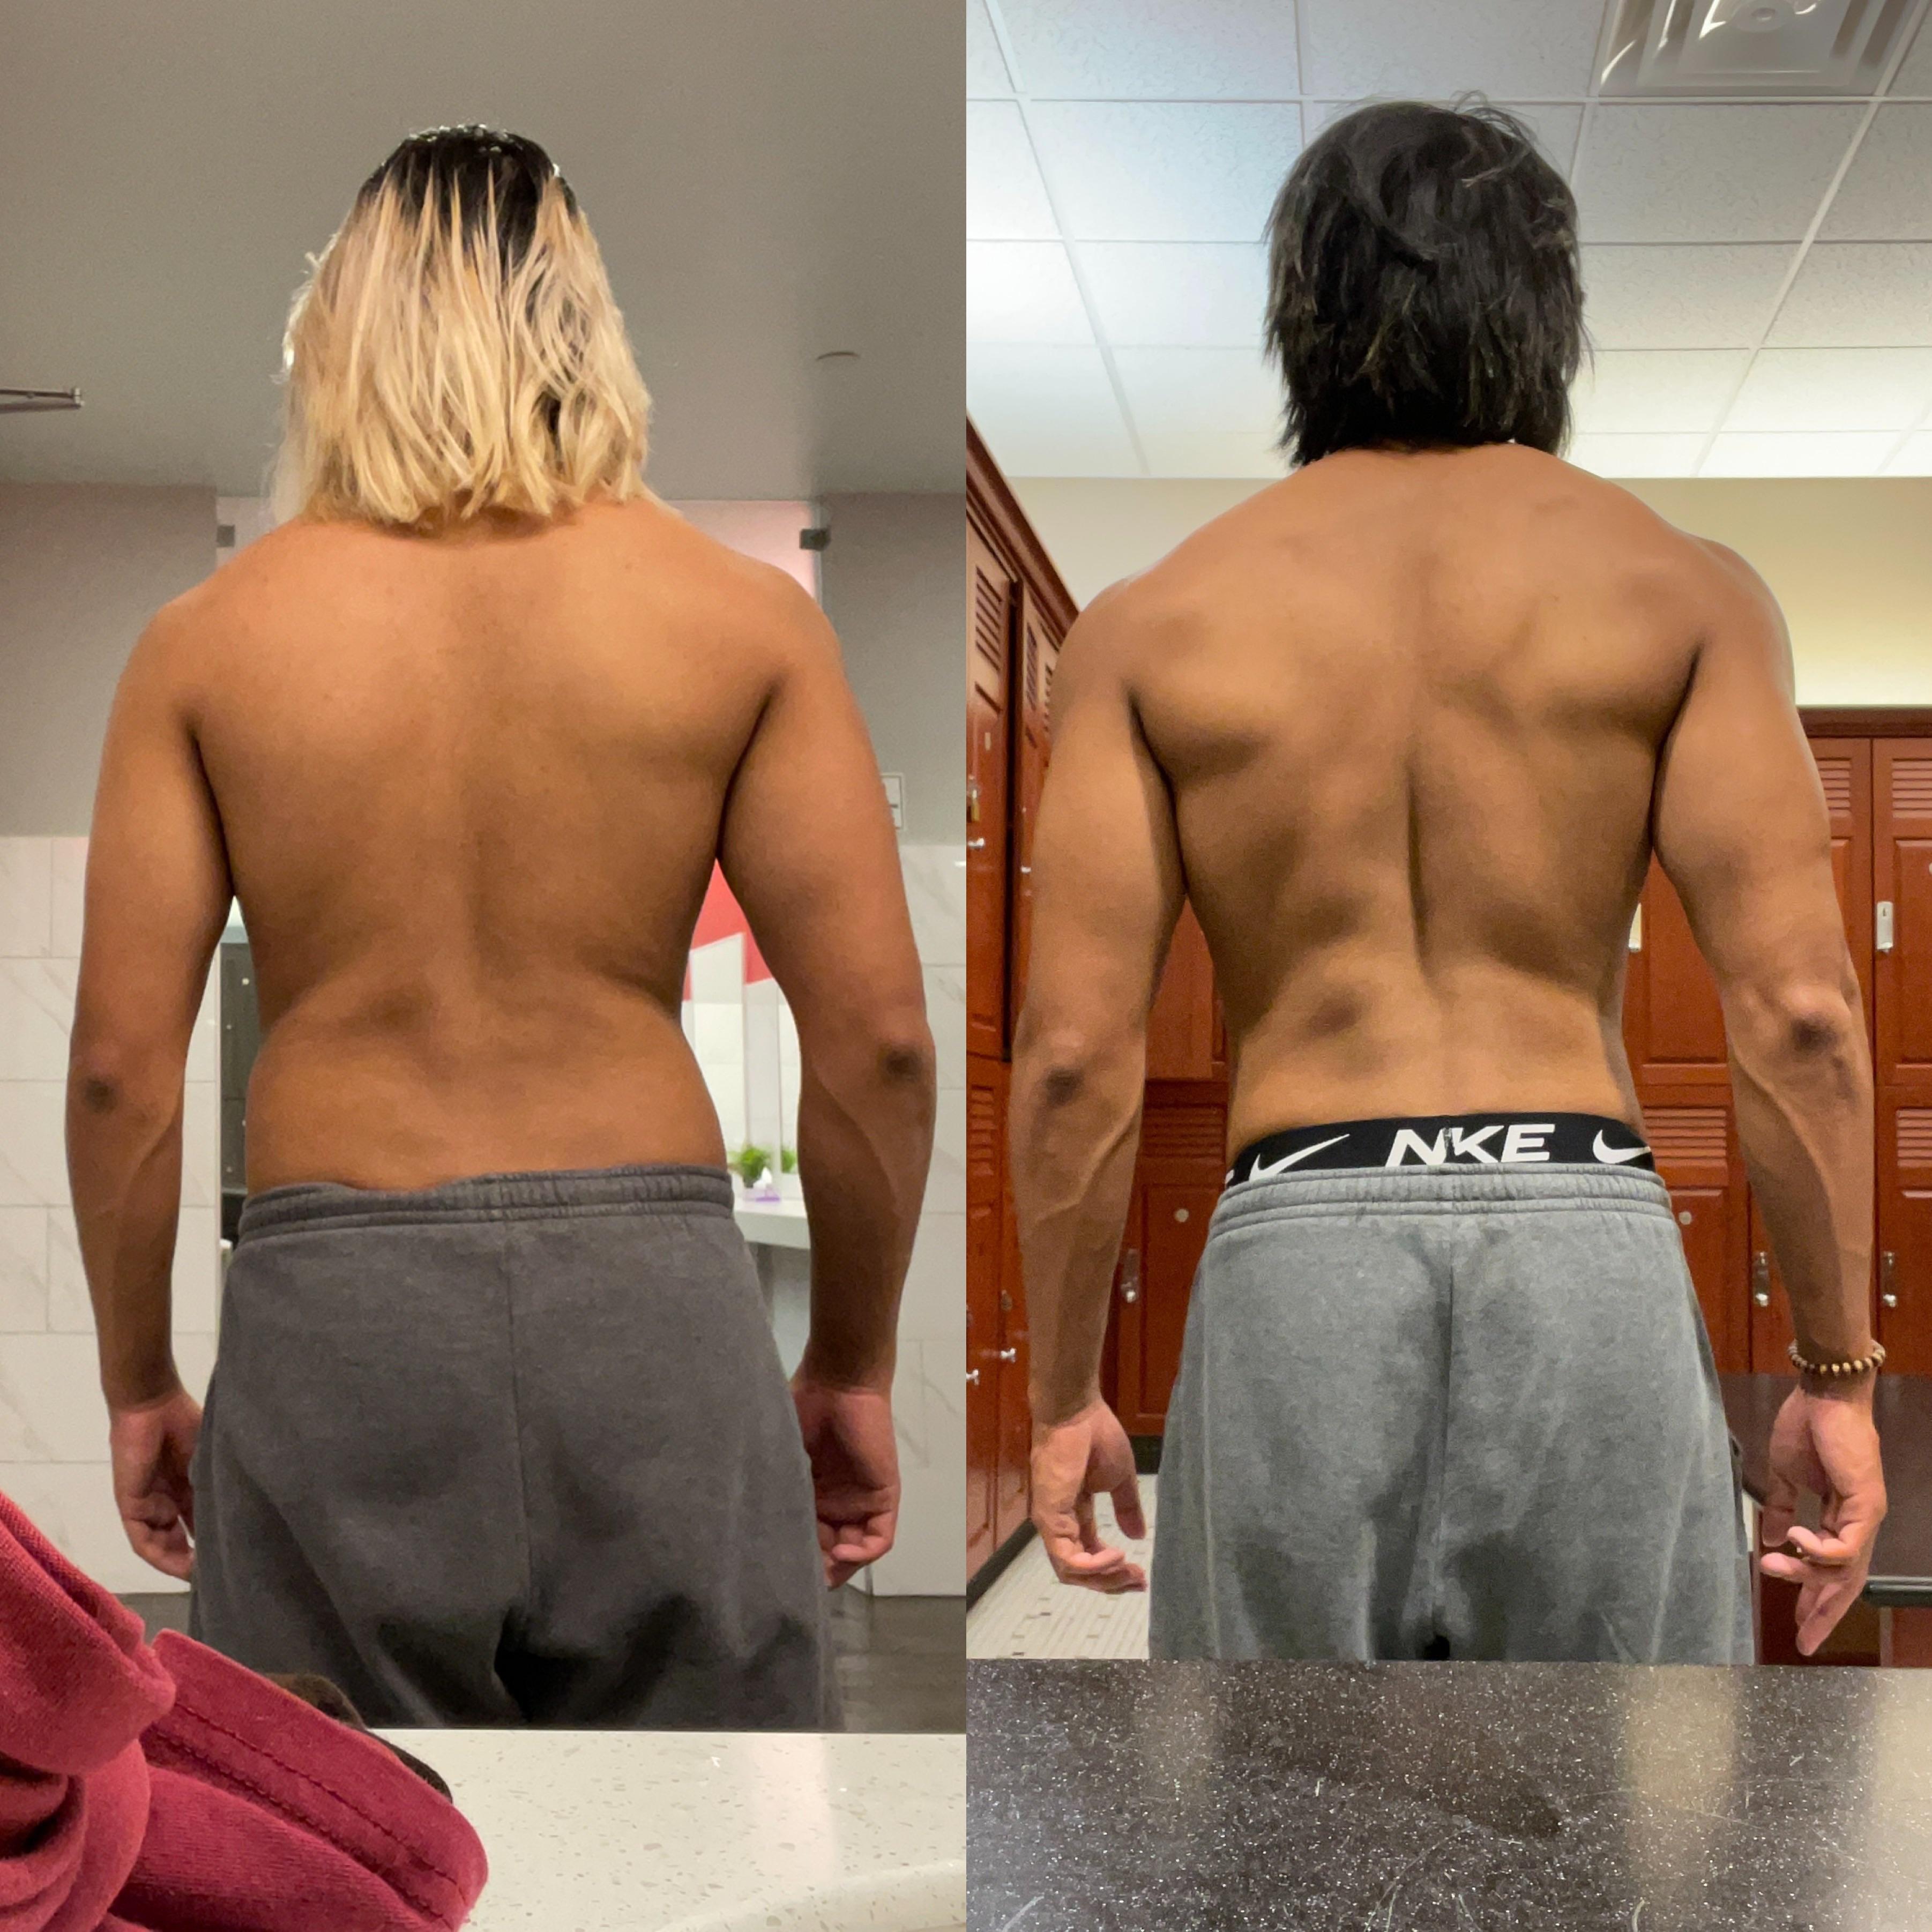 5 foot 8 Male Progress Pics of 8 lbs Fat Loss 170 lbs to 162 lbs